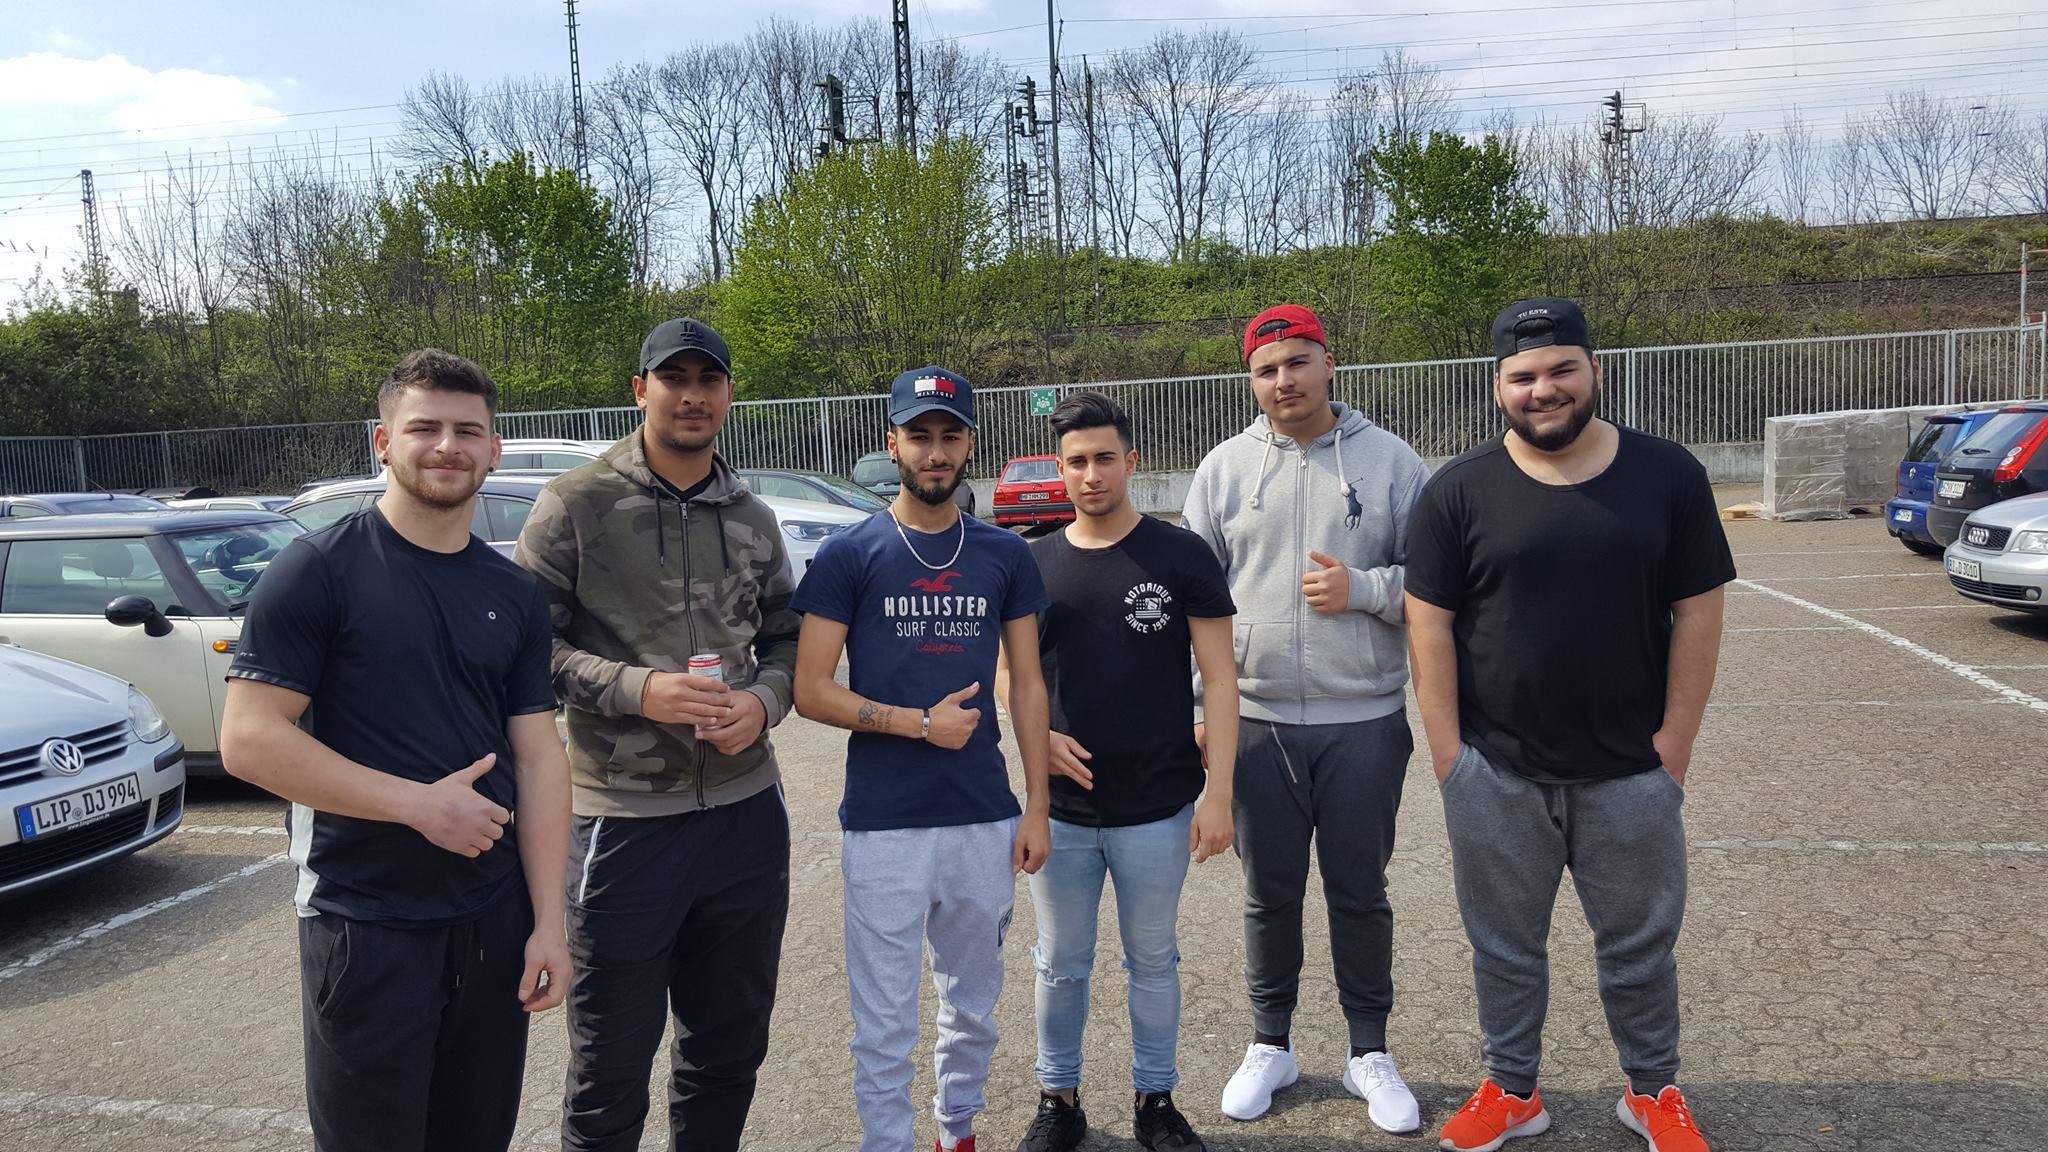 lasertag team prison break